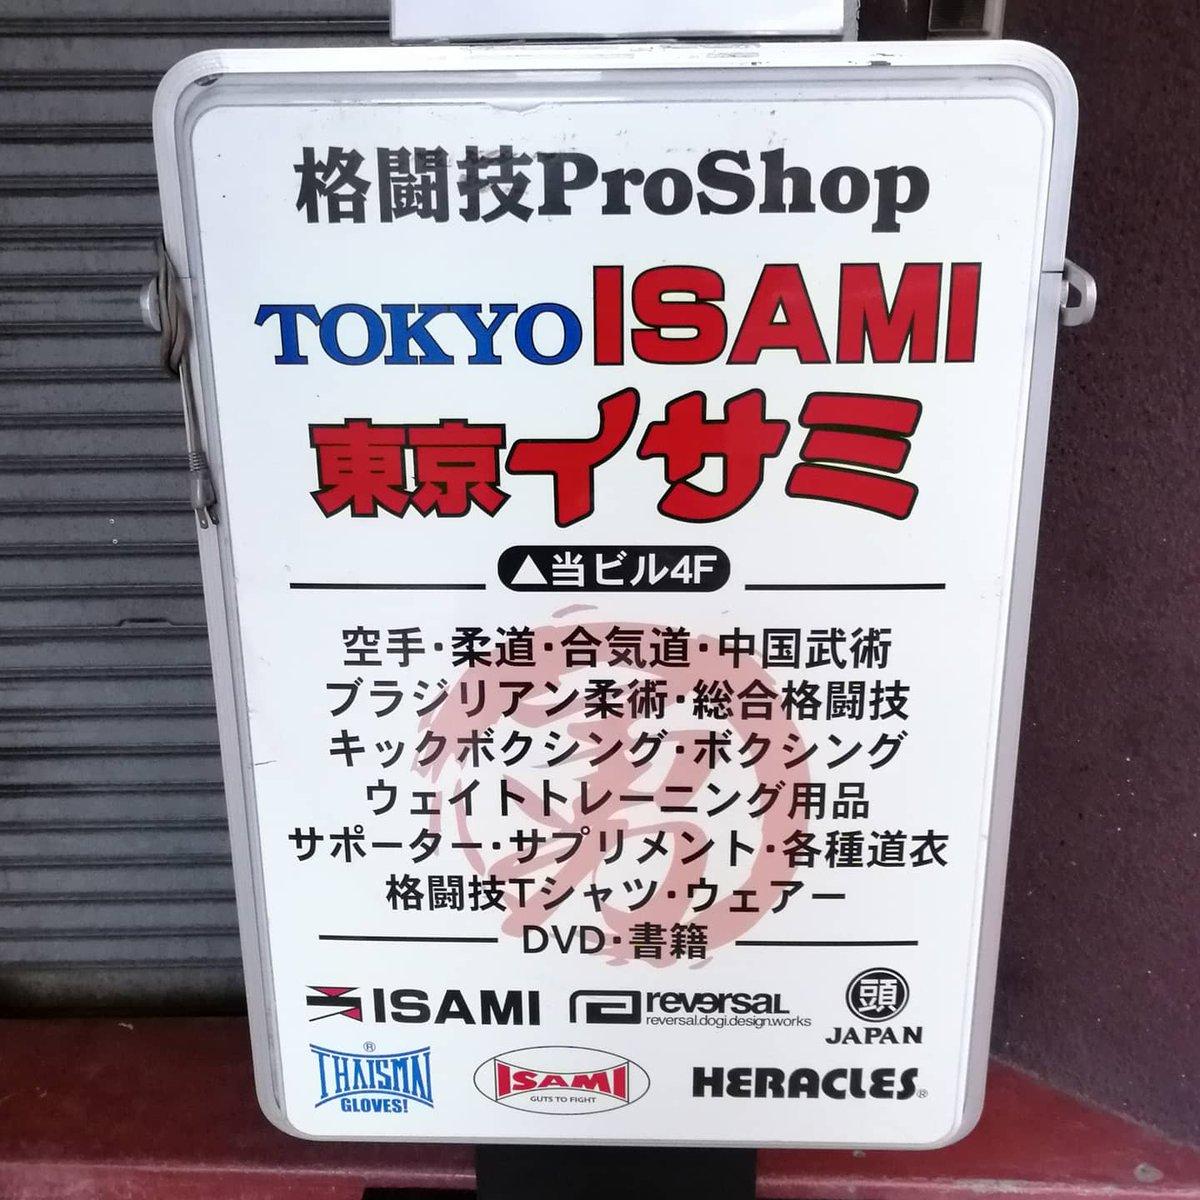 食事もしないで午後から新宿JRAまたはタカシマヤタイムズスクエアそばにある、■東京イサミ新宿店へGO。MMAから柔術衣からキックボクシング からボクシング等など格闘技プロショップです。RIZINのグローブで有名かな。#イサミ #東京イサミ #isami #RIZIN #格闘技 #プロショップ #柔術衣 #mma #bellator